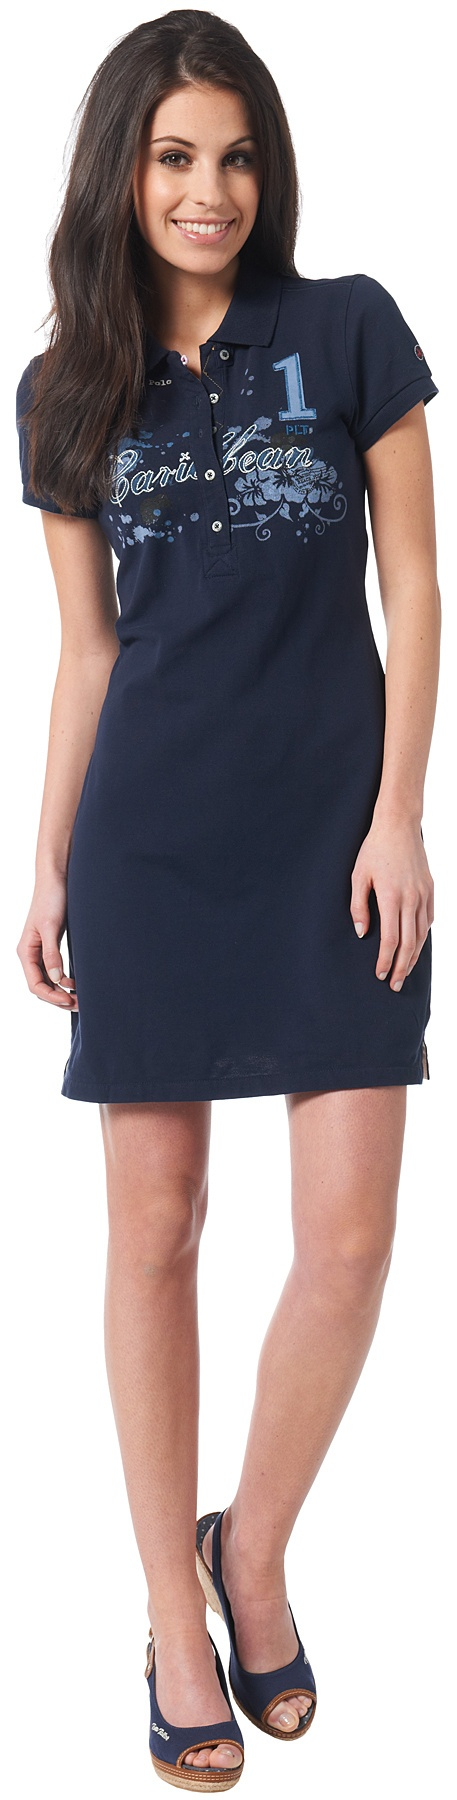 sportives Polo-Kleid für Frauen (unifarben)  - TOM TAILOR